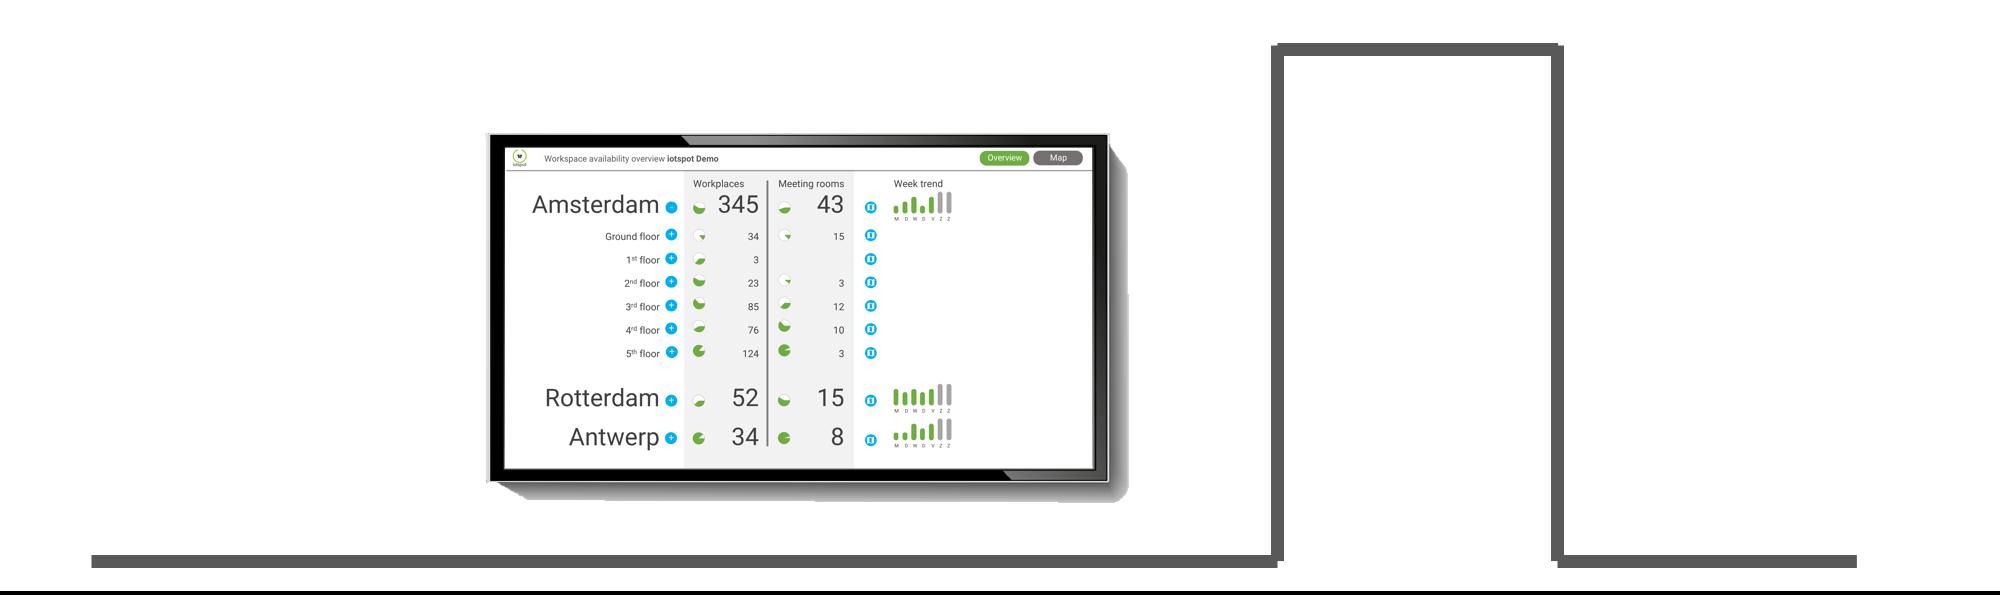 4. Receptie- en verdiepingsoverzichten - Gebruikers krijgen bij de receptie of op verdiepingen in een oogopslag te zien of en hoeveel werkplekken er waar beschikbaar zijn. Als er gebruik gemaakt wordt van Kaartweergave (feature 3) dan is het overzicht met een plattegrond.Jaarprijs:    £3,-per iotspot, die geactiveerd is.